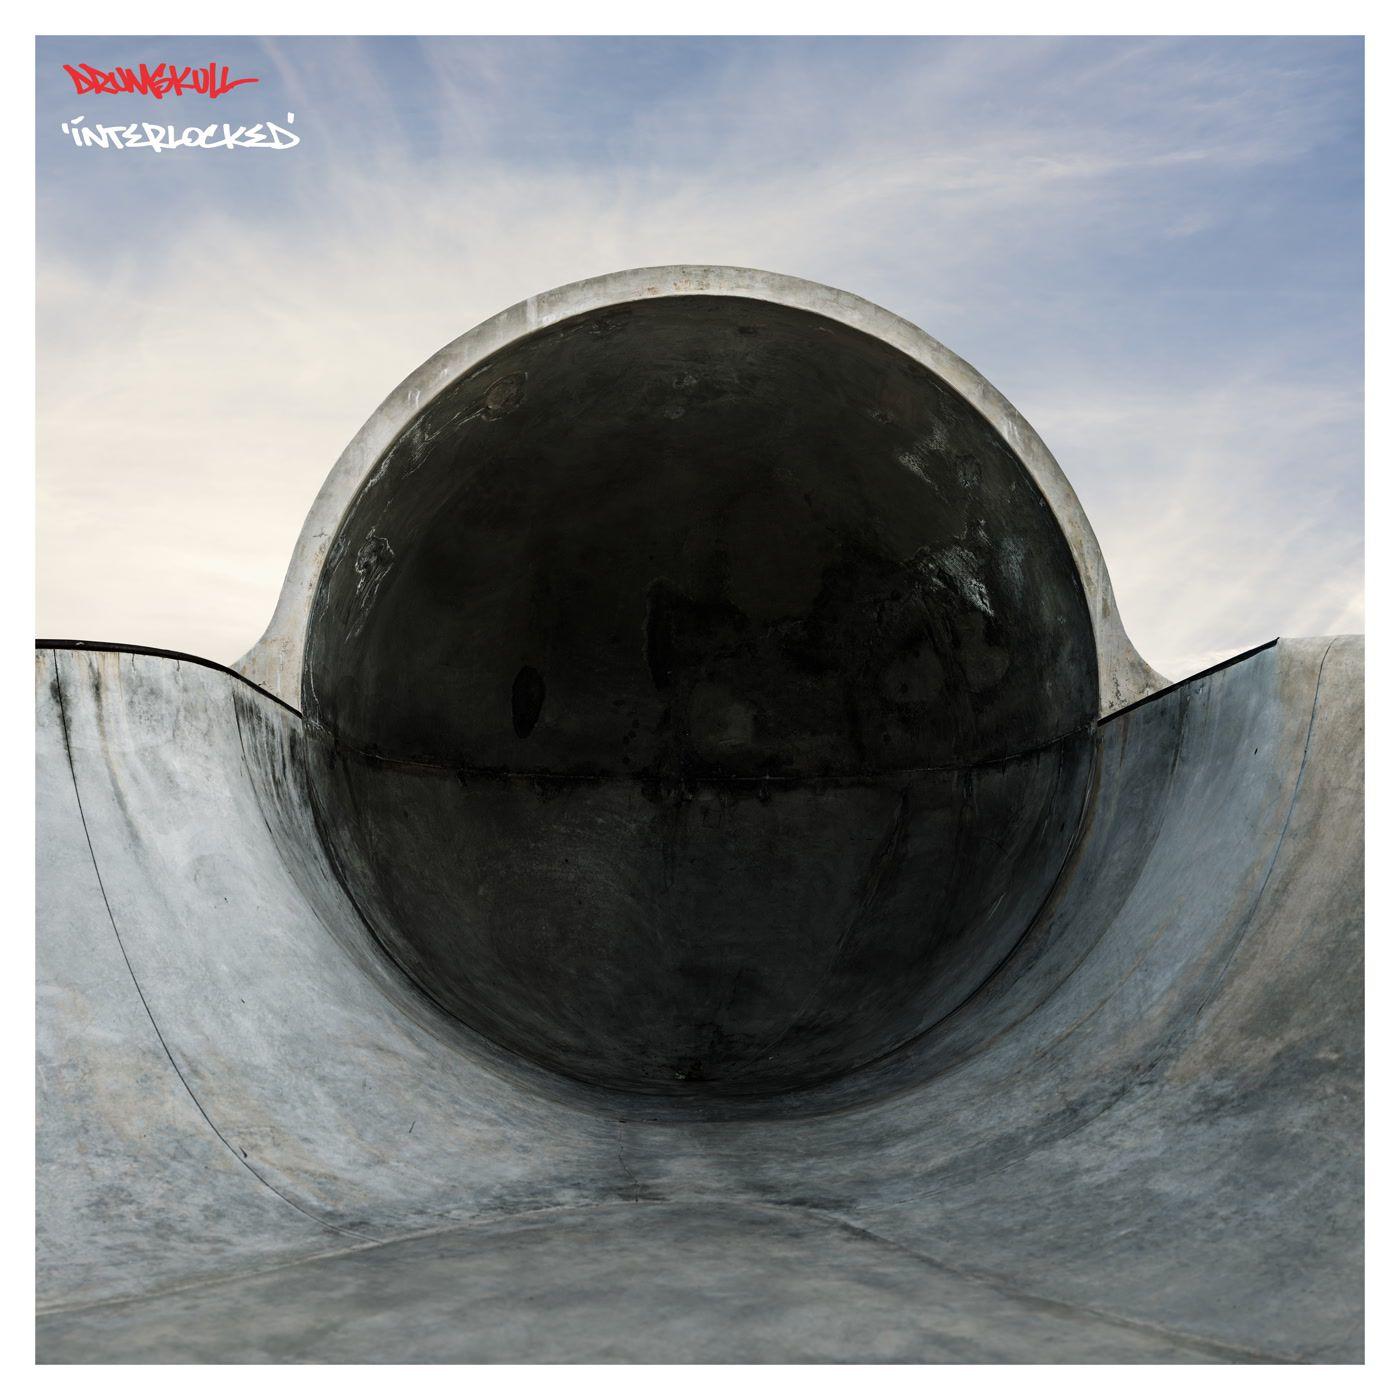 Drumskull - Interlocked